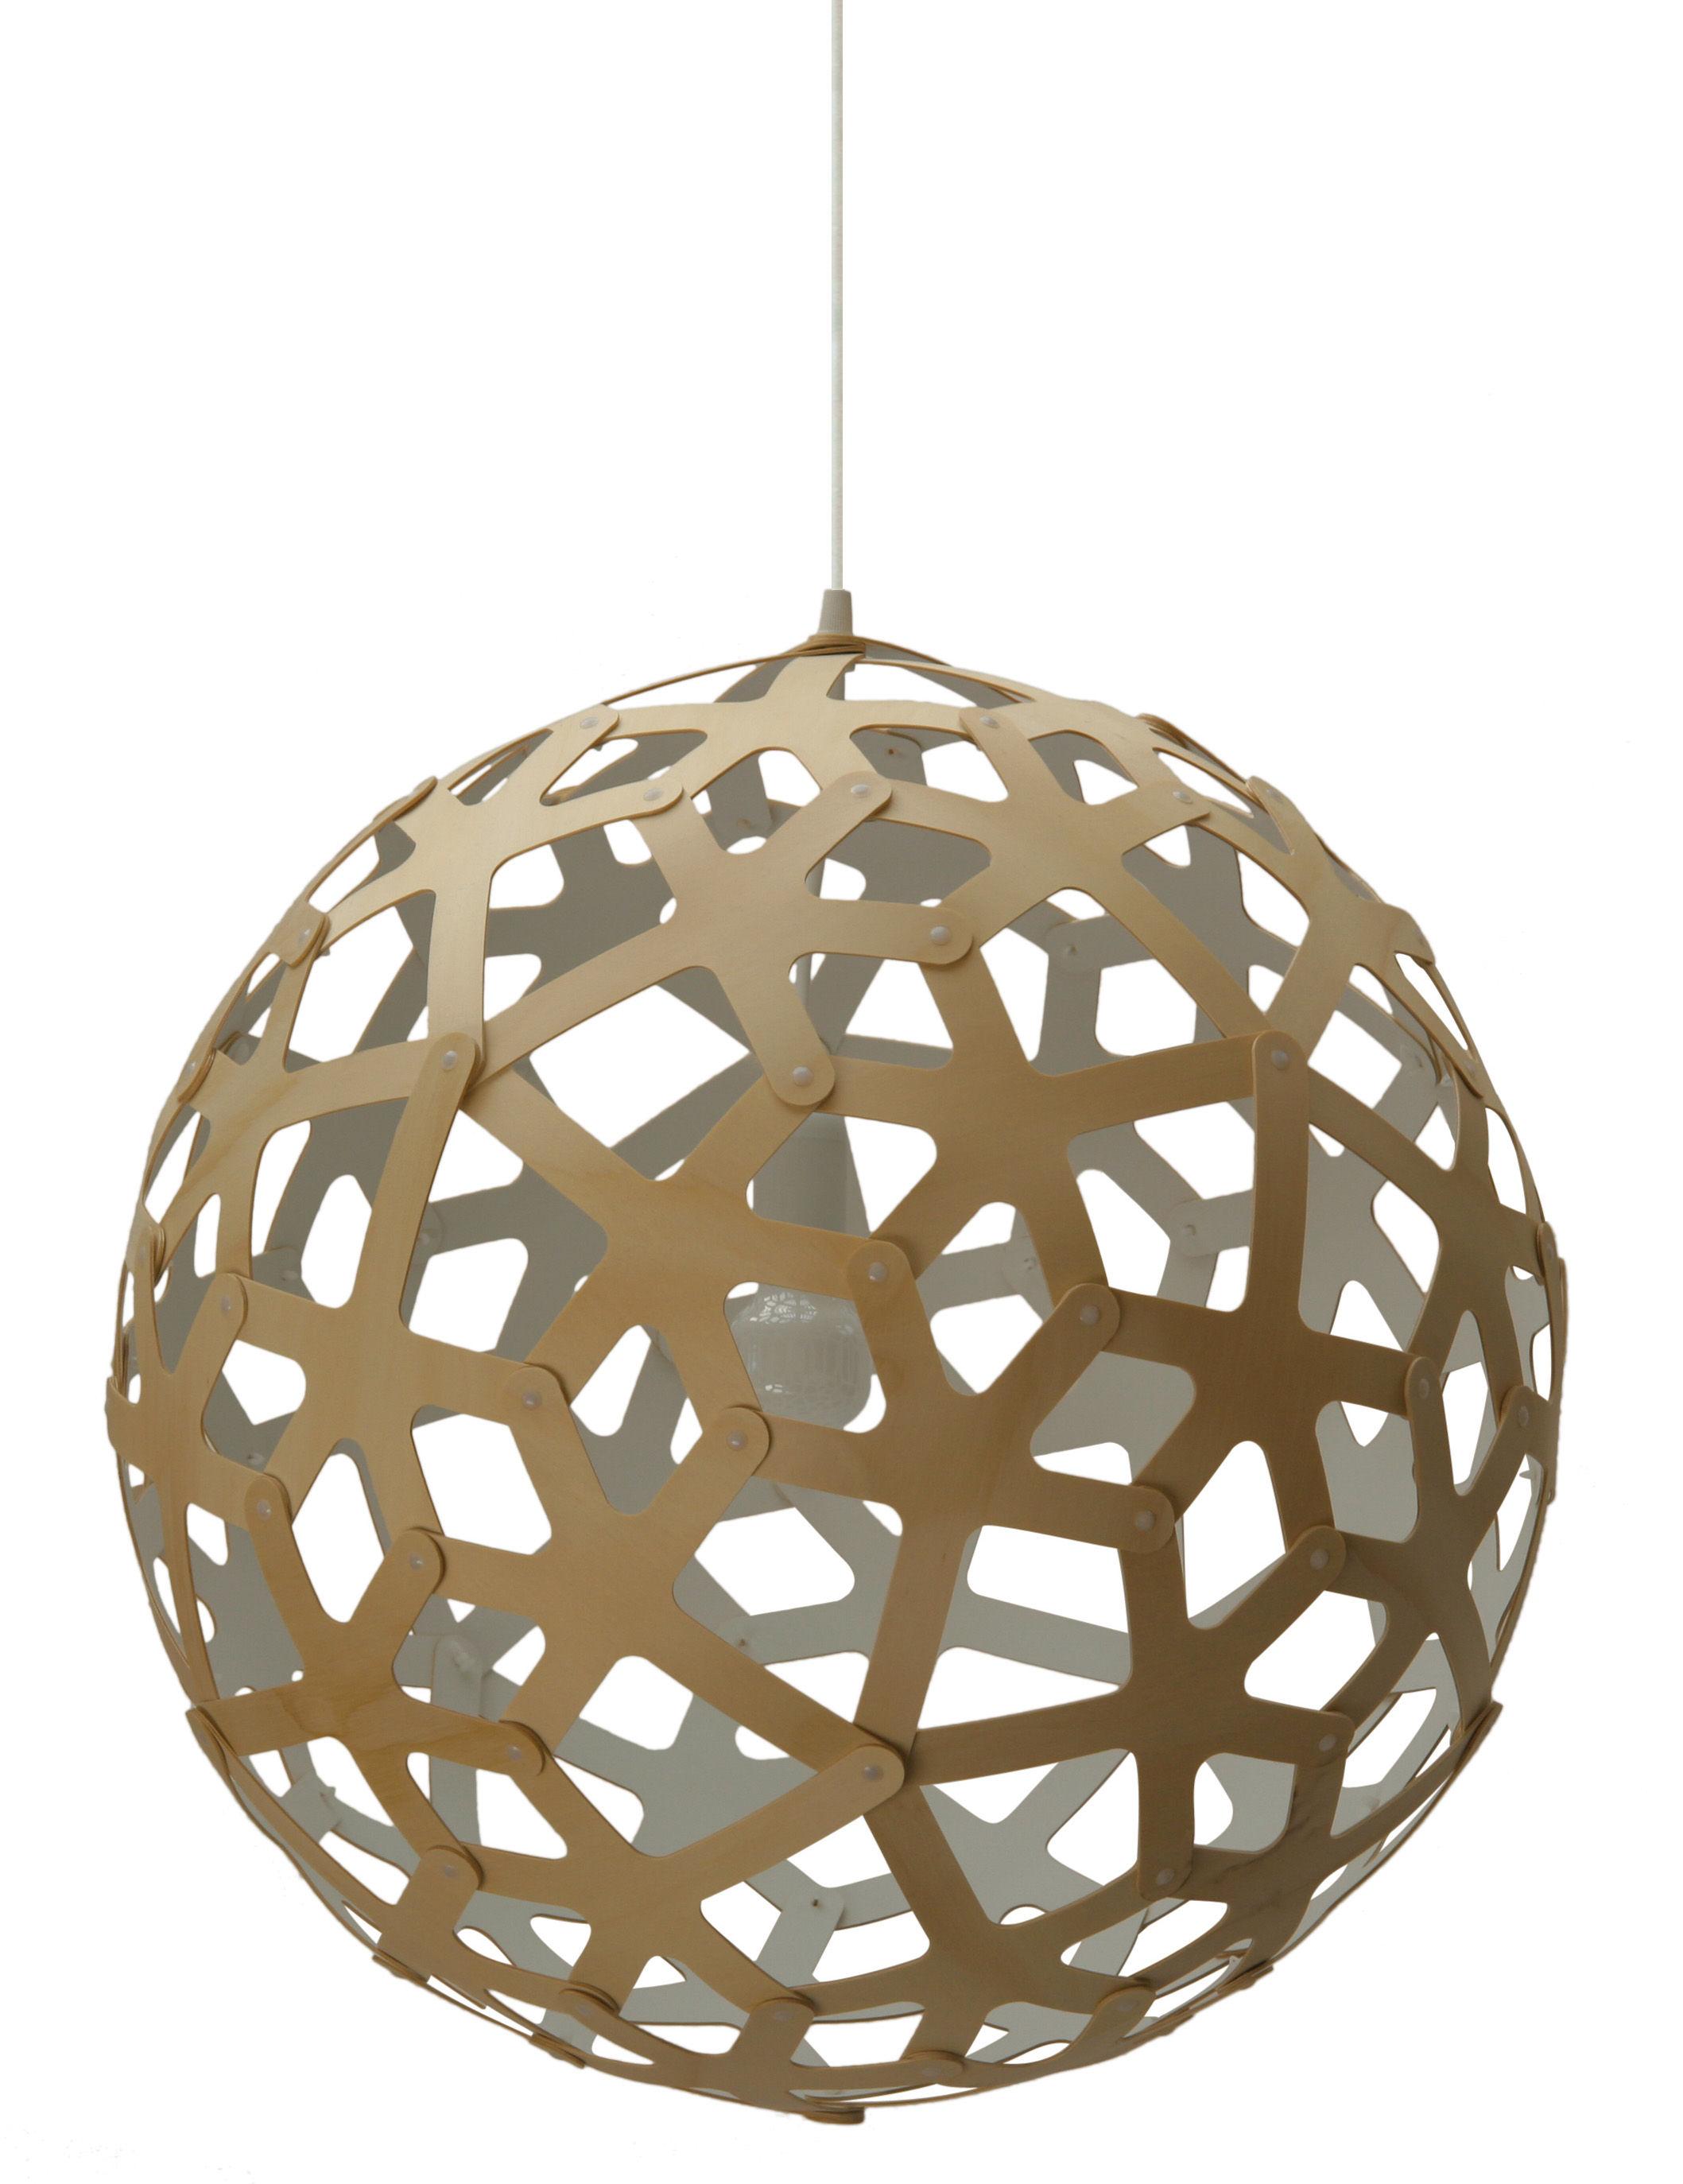 Illuminazione - Lampadari - Sospensione Coral - Ø 60 cm - Bicolore - Esclusiva web di David Trubridge - Bianco / legno naturale - Pino